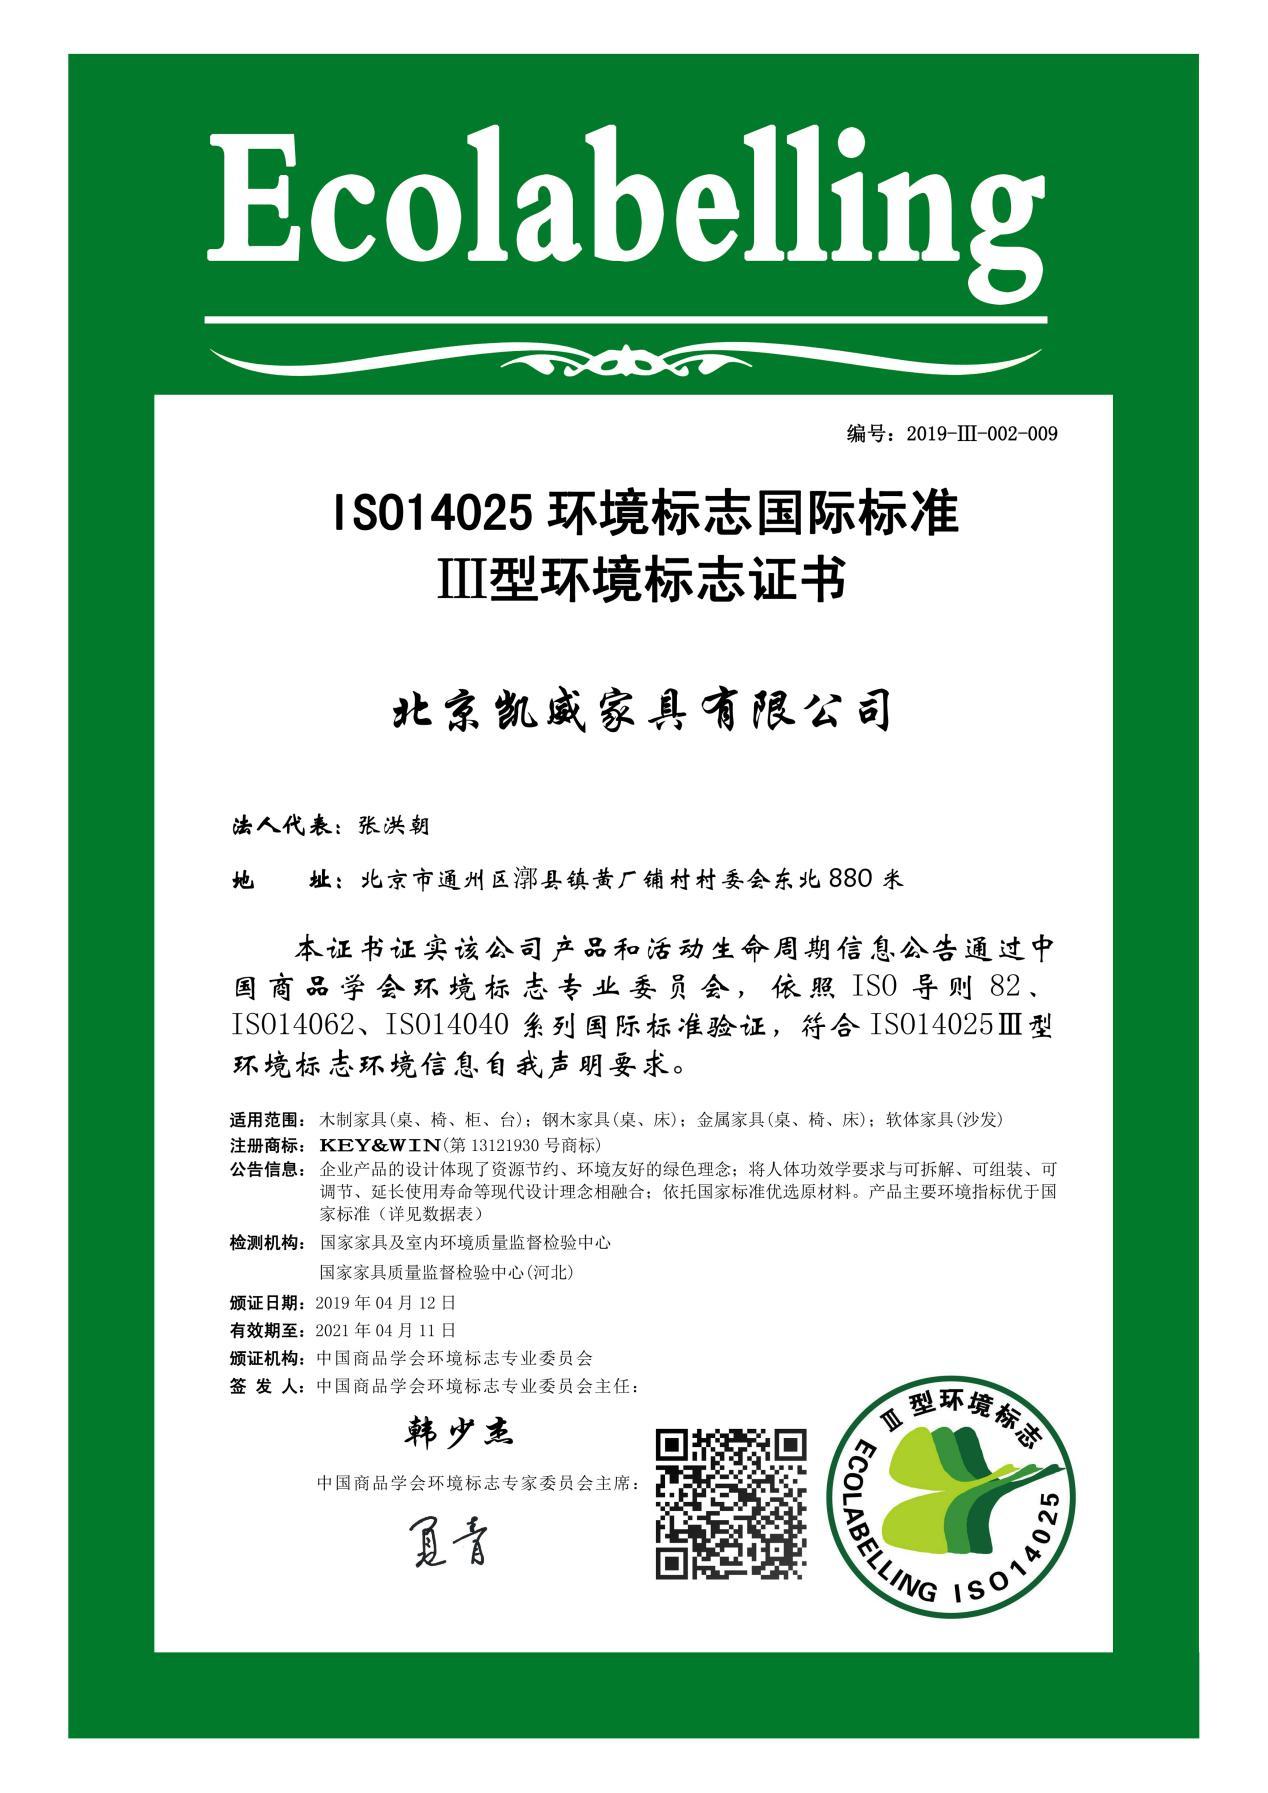 【I S014025环境标志标准 III型环境标志证书】凯威